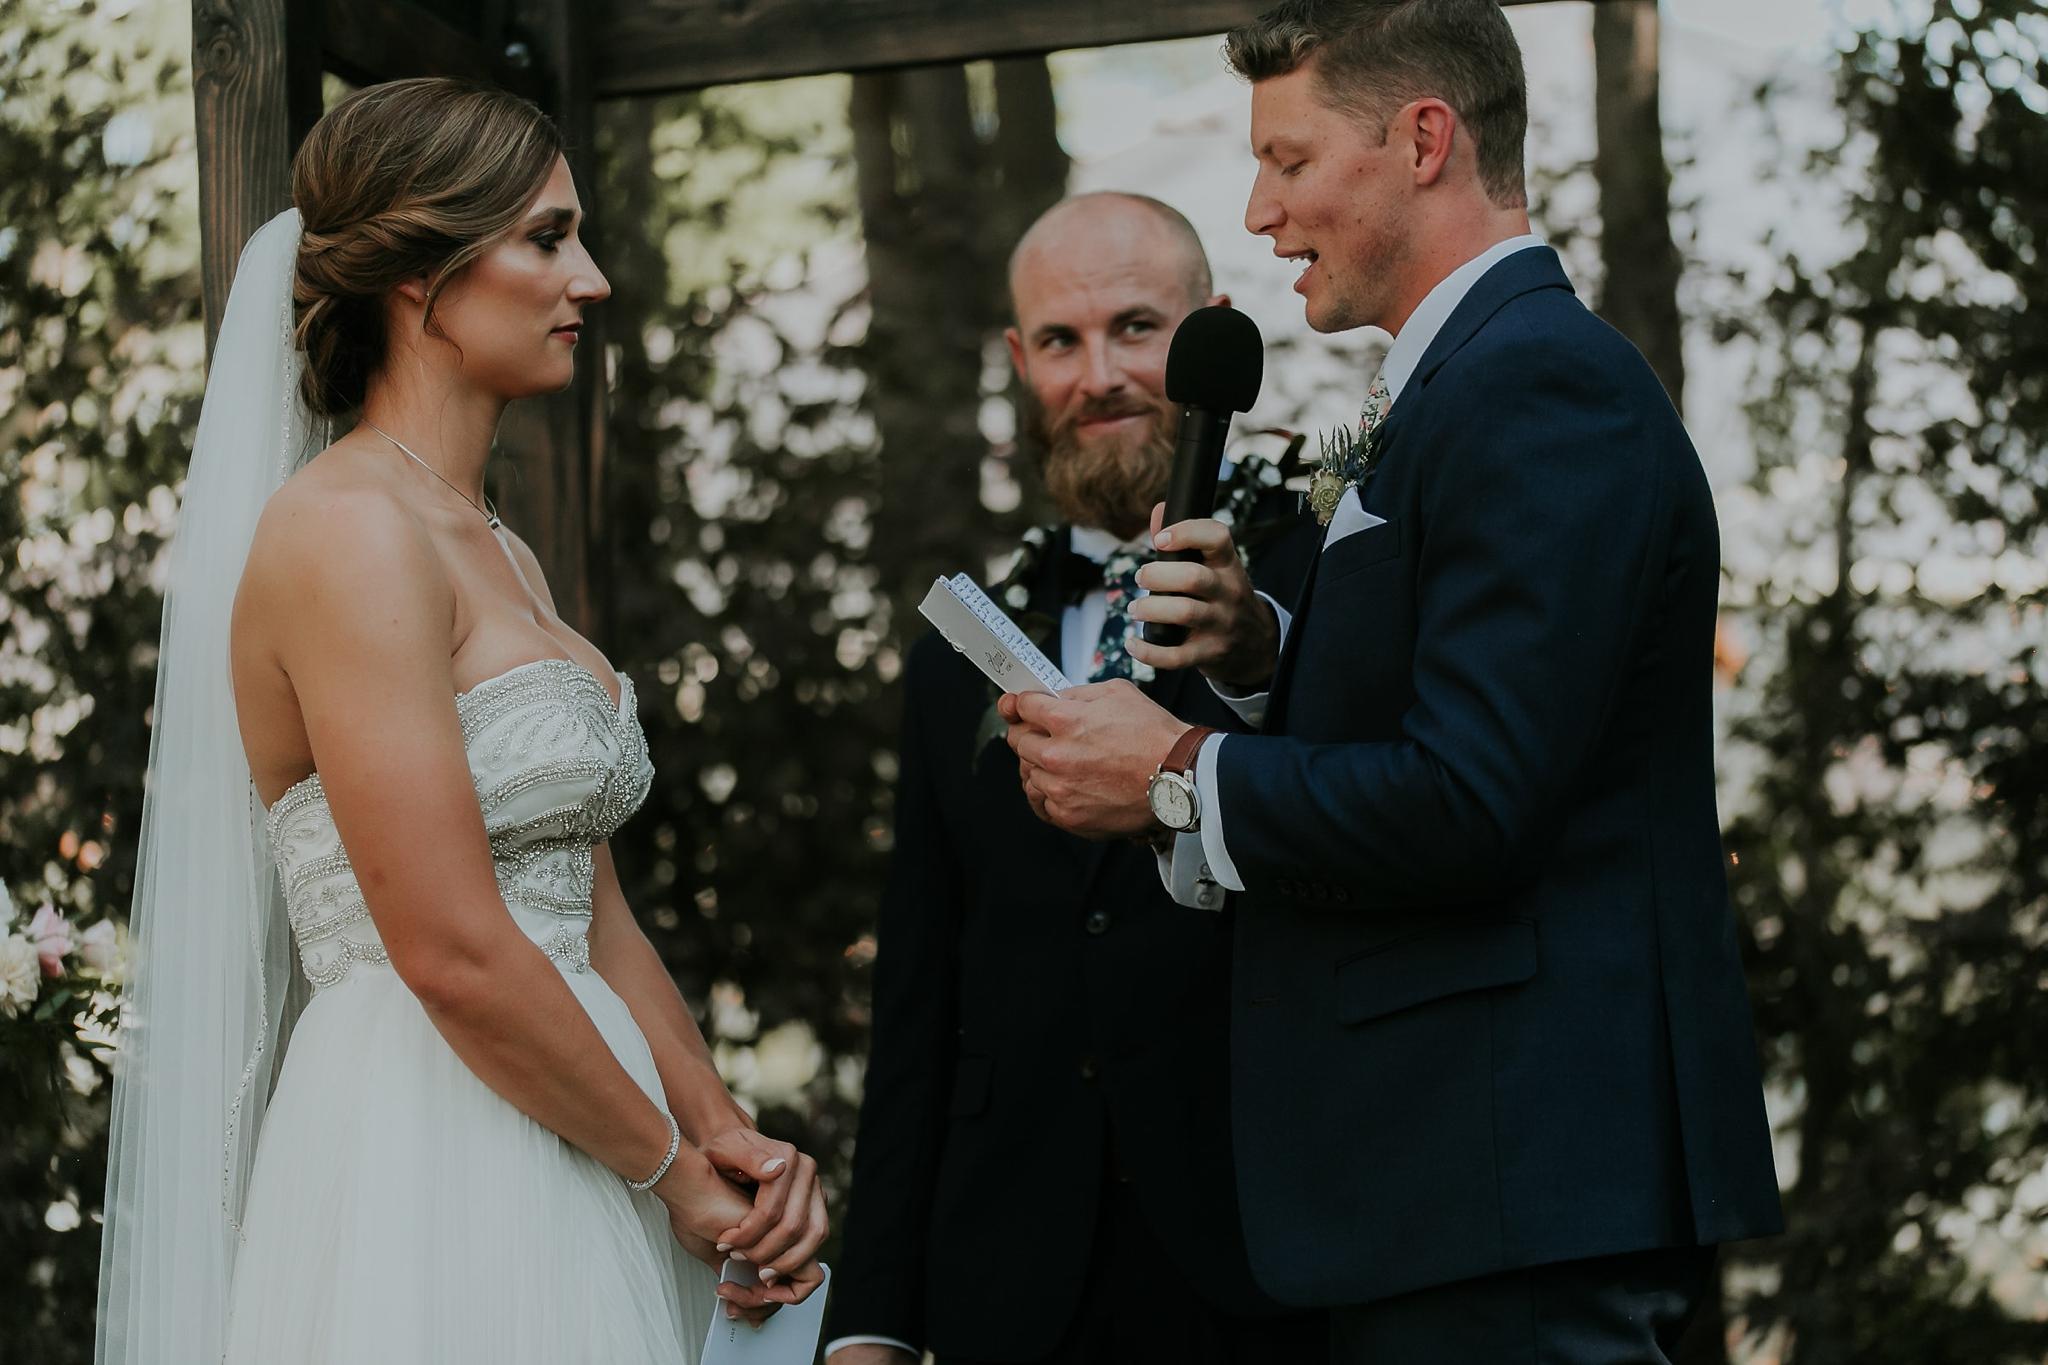 Alicia+lucia+photography+-+albuquerque+wedding+photographer+-+santa+fe+wedding+photography+-+new+mexico+wedding+photographer+-+new+mexico+wedding+-+wedding+vows+-+writing+your+own+vows+-+wedding+inspo_0048.jpg